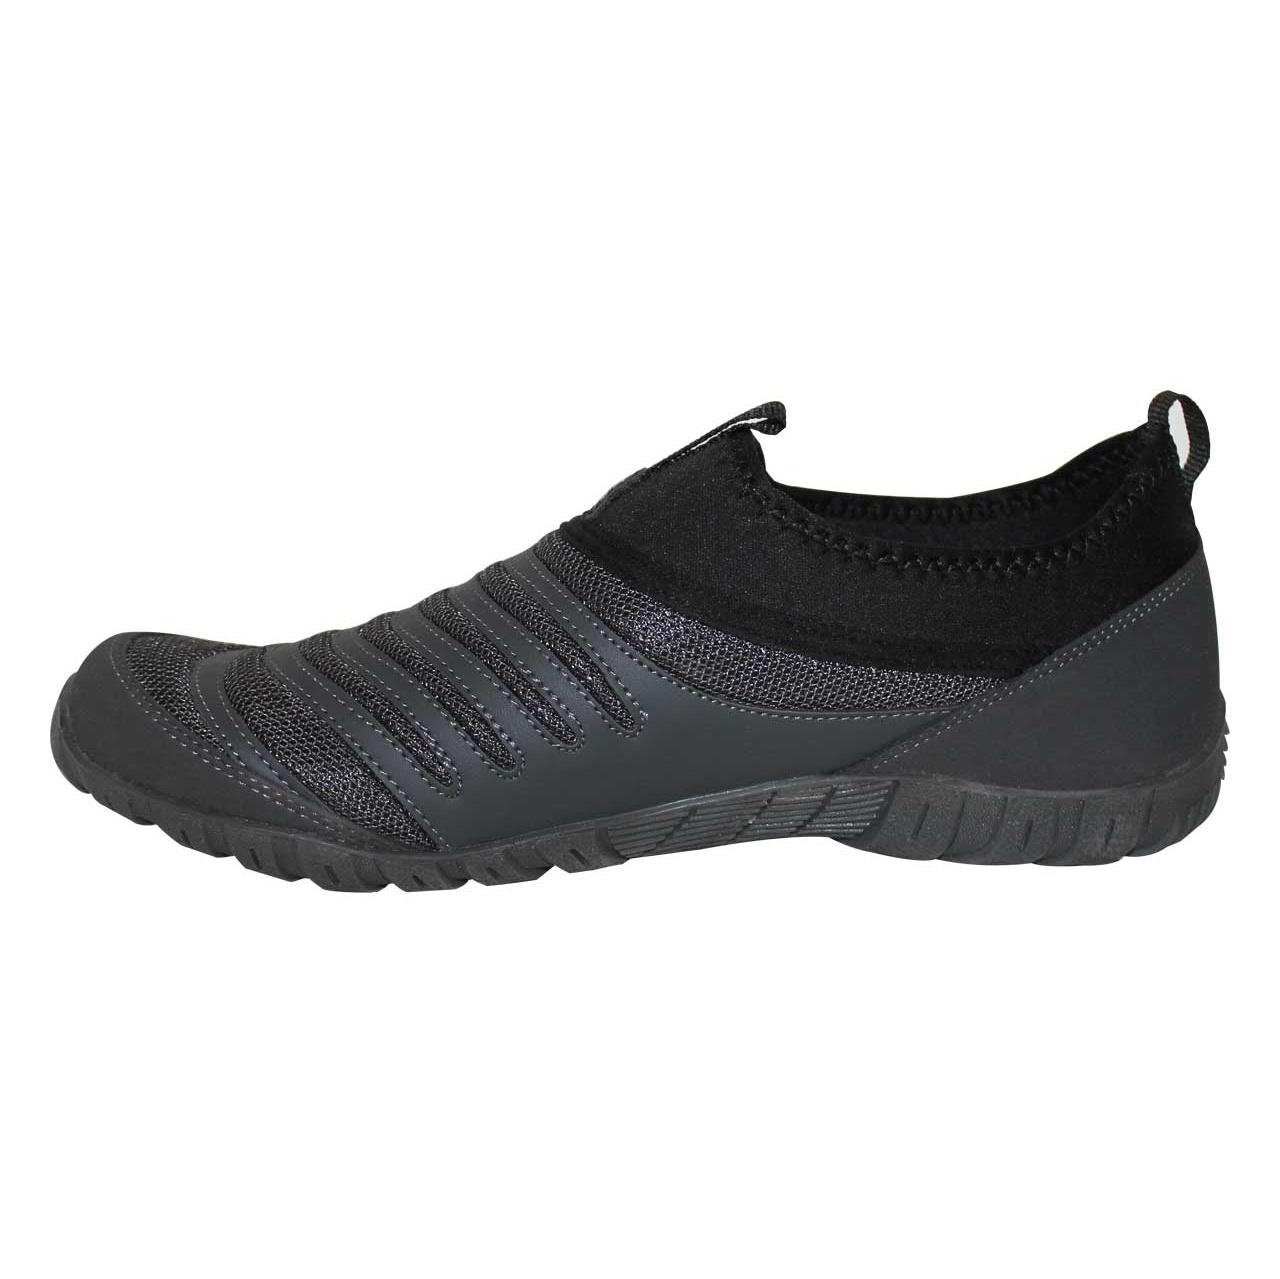 کفش مردانه اسلازنگر مدل SA۱۶WE۰۰۲-۲۳۰